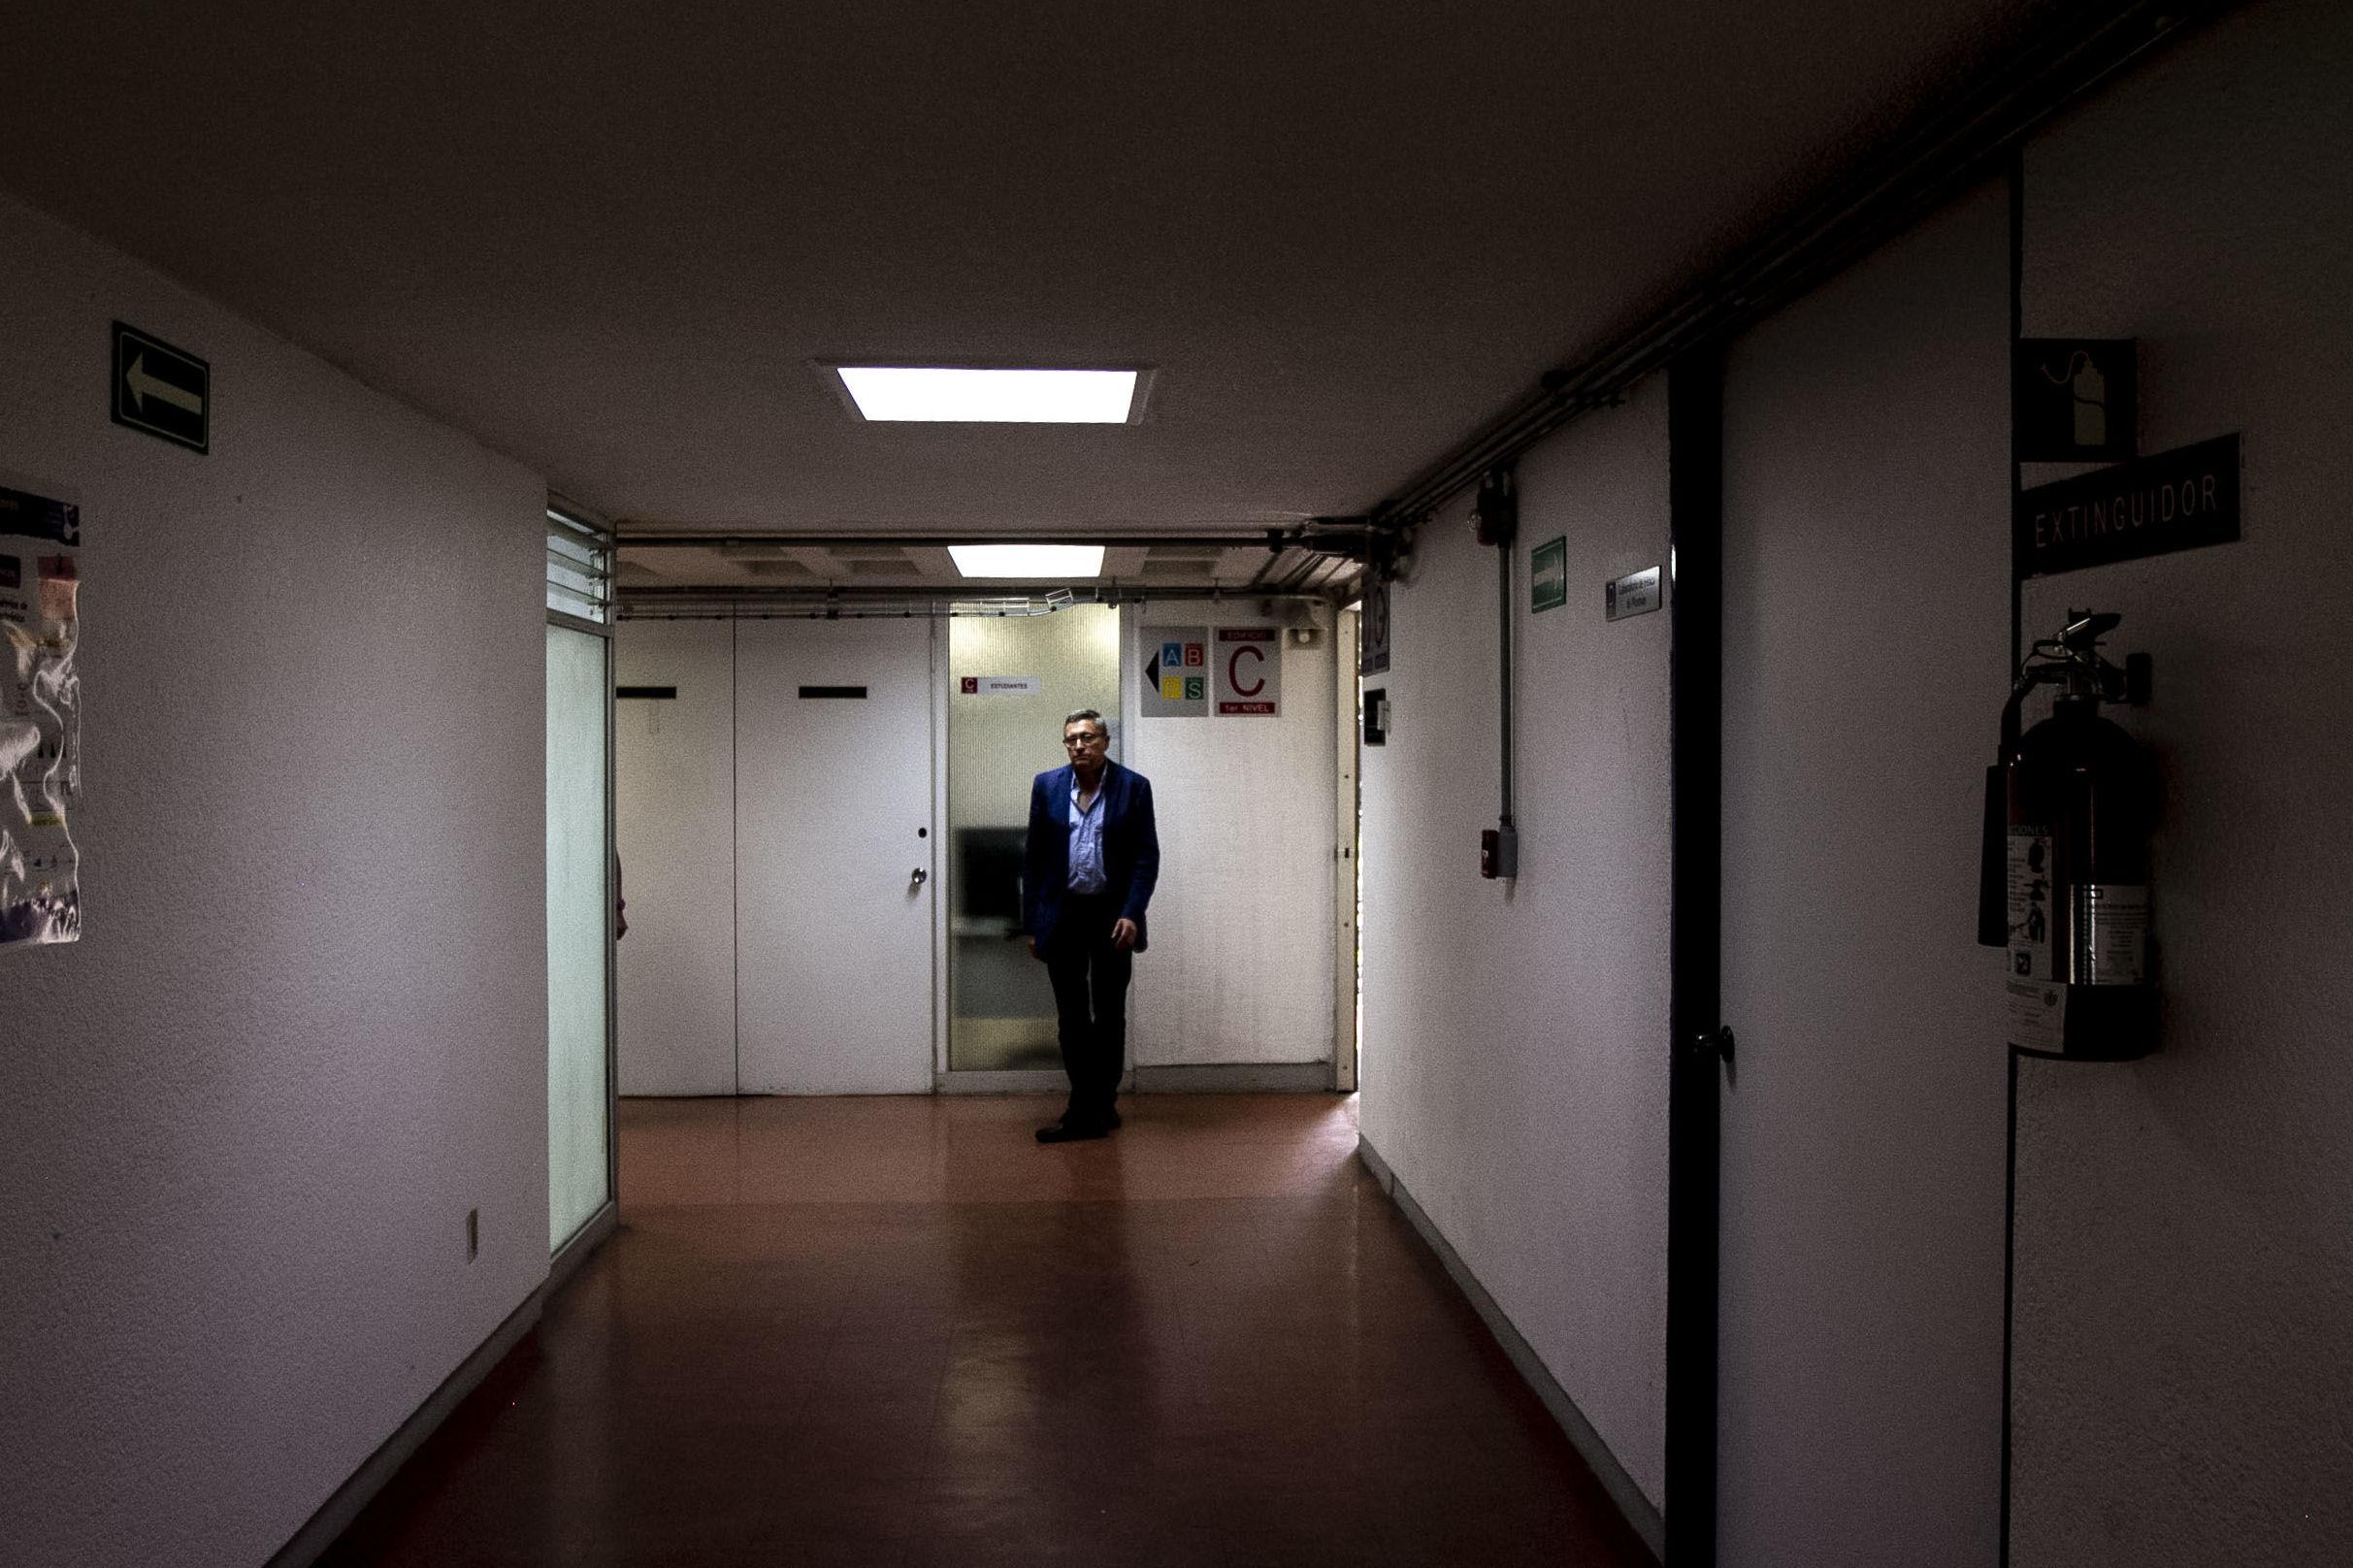 Gustavo Medina, investigador del Instituto de Ciencias Nucleares durante un recorrido por el Instituto